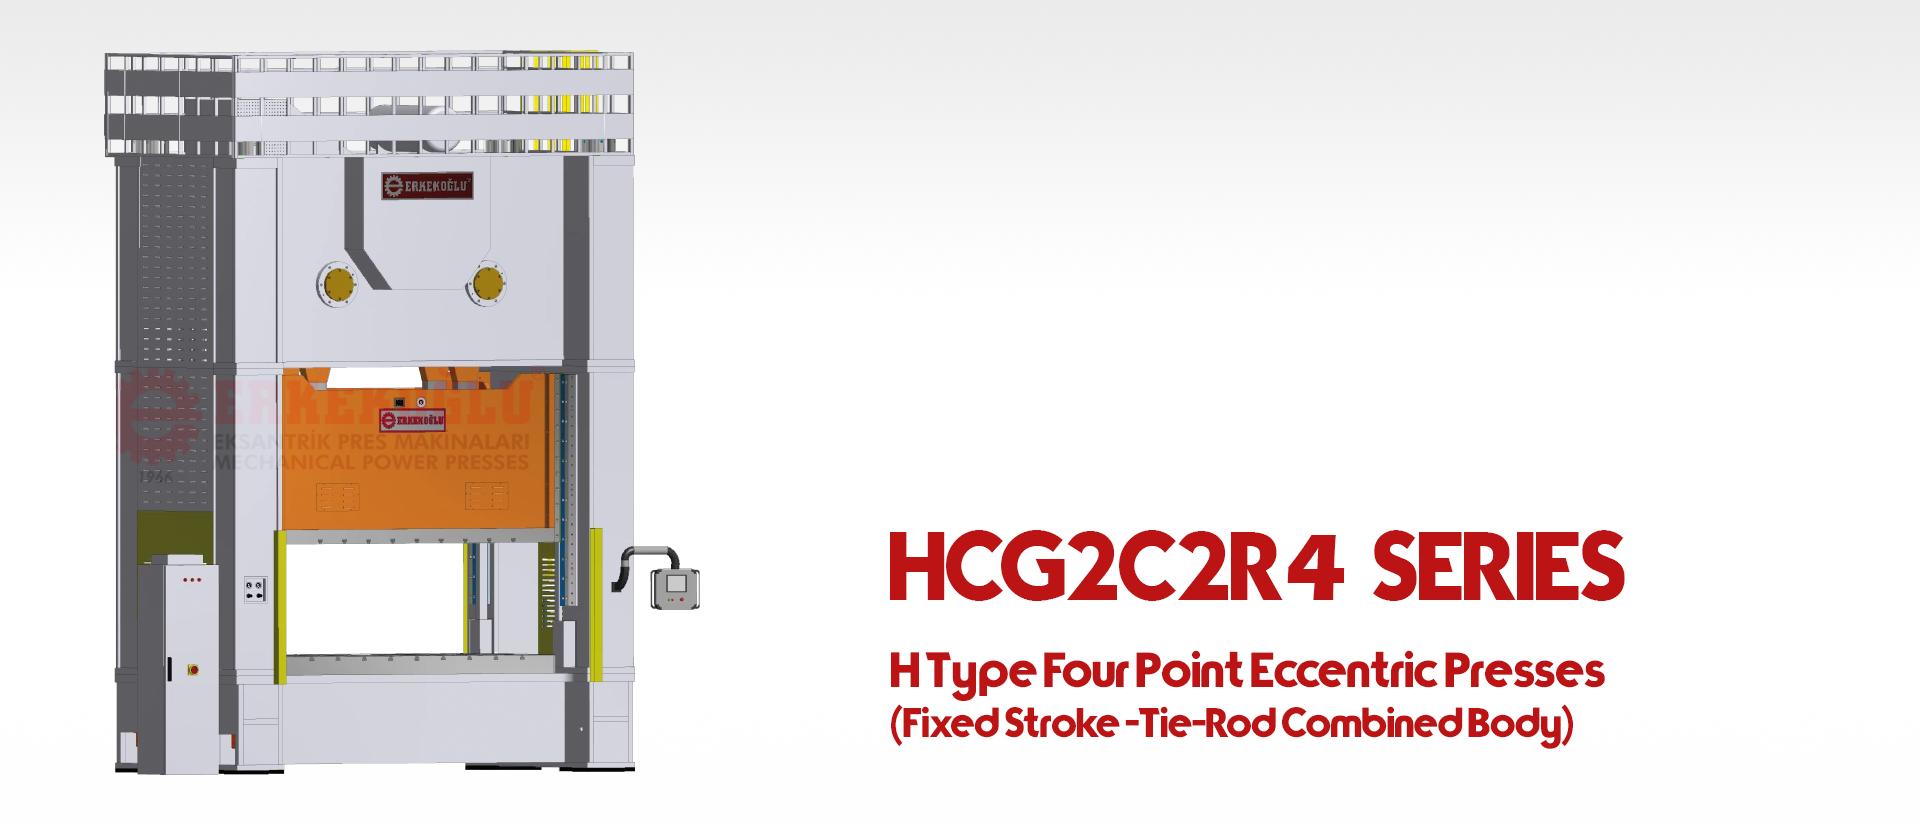 HCG2C2R4_3_en